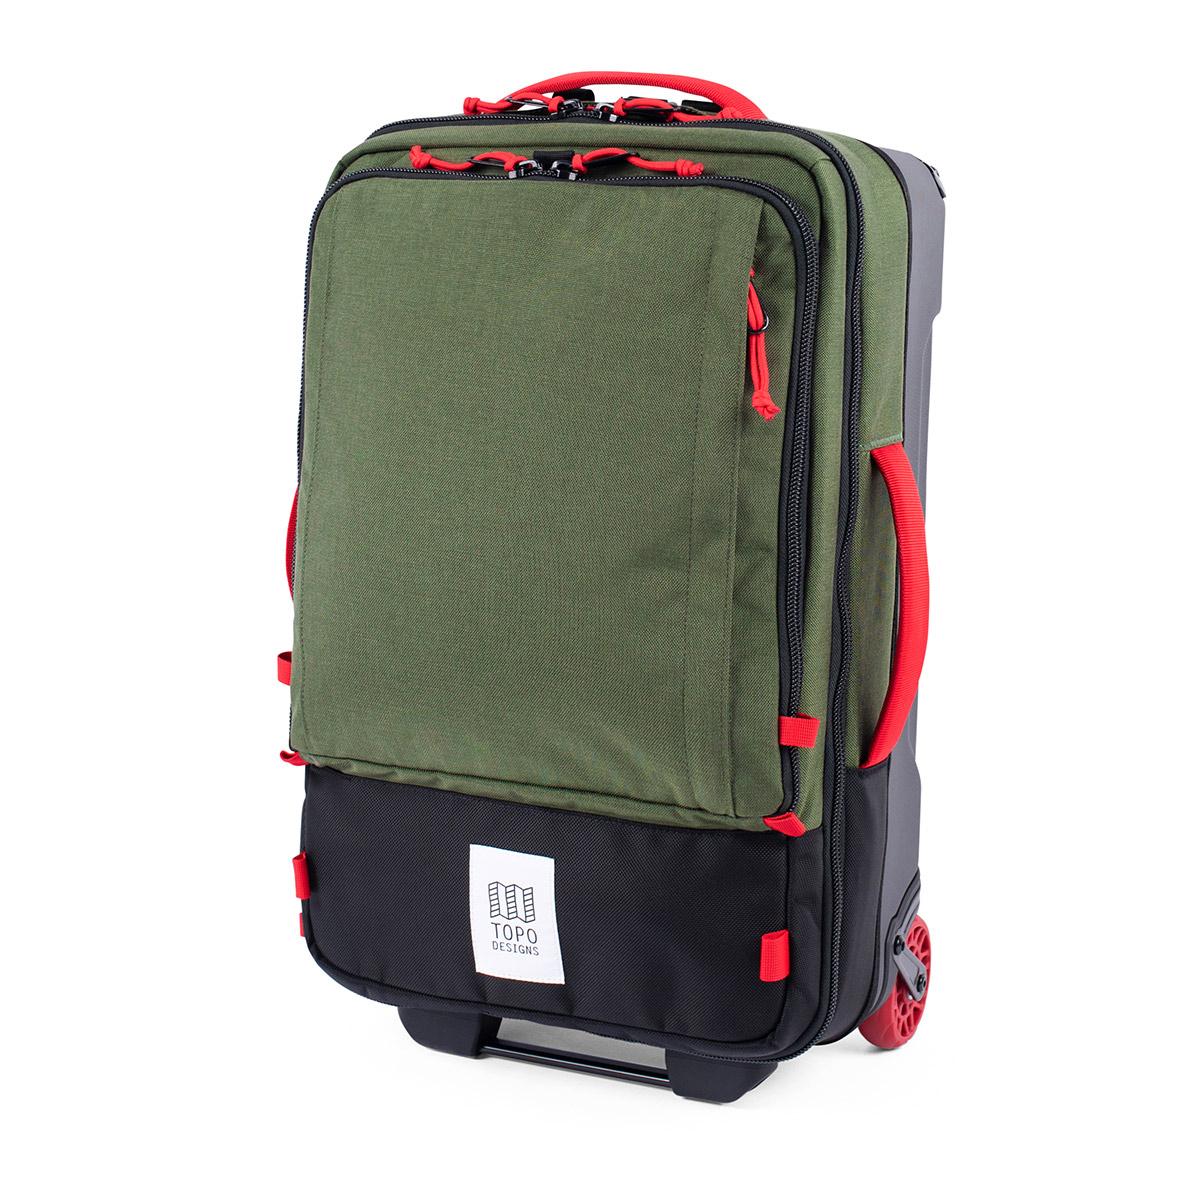 Topo Designs Travel Bag Roller Olive